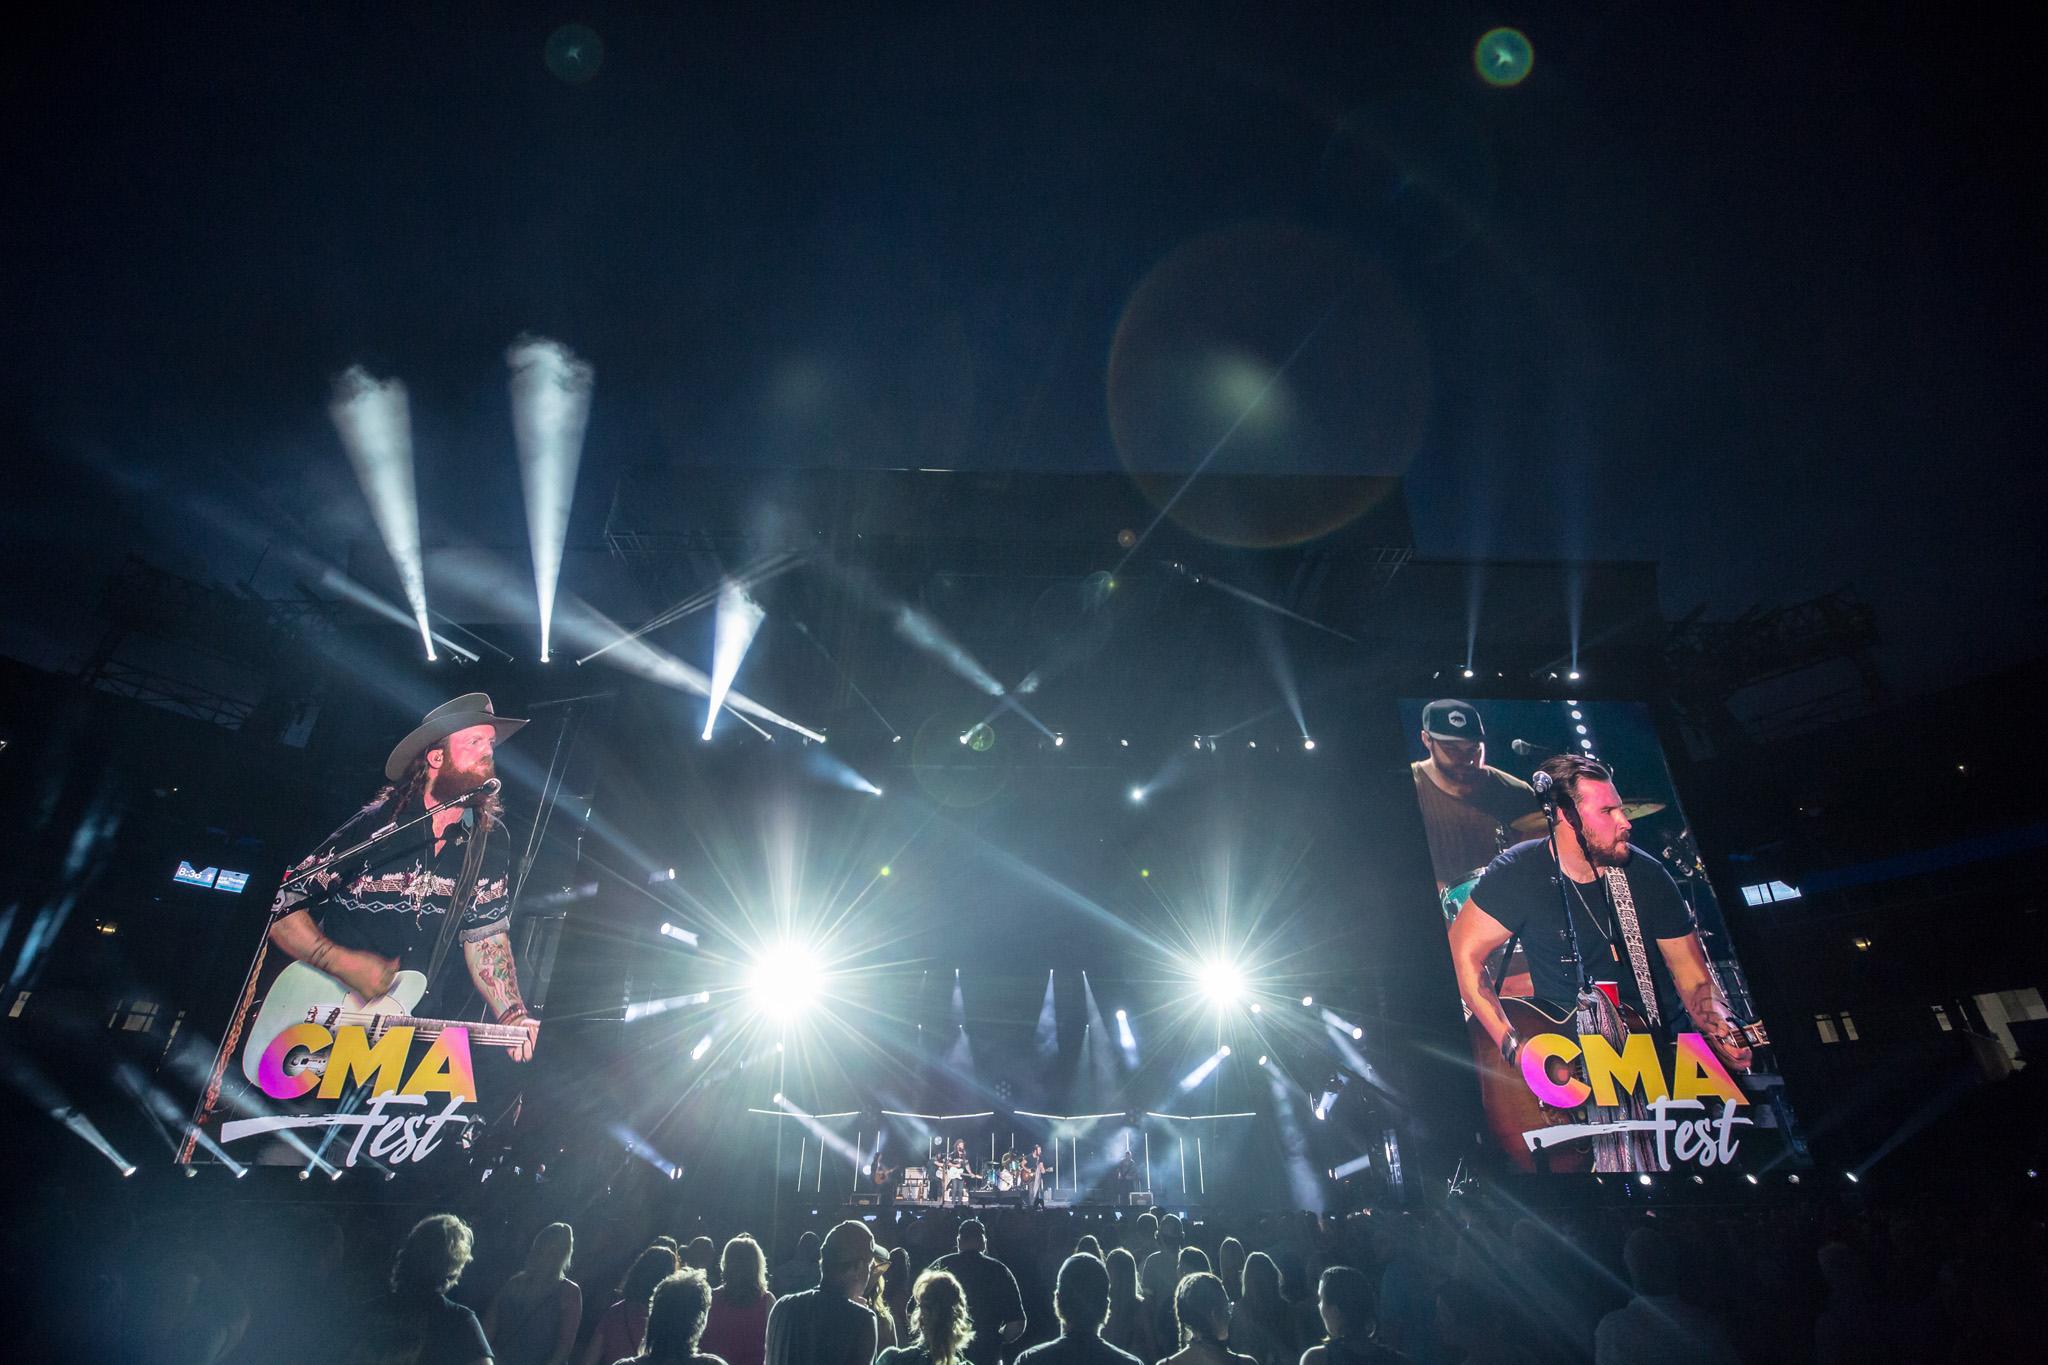 na06112017-CMA Fest Night 414.jpg